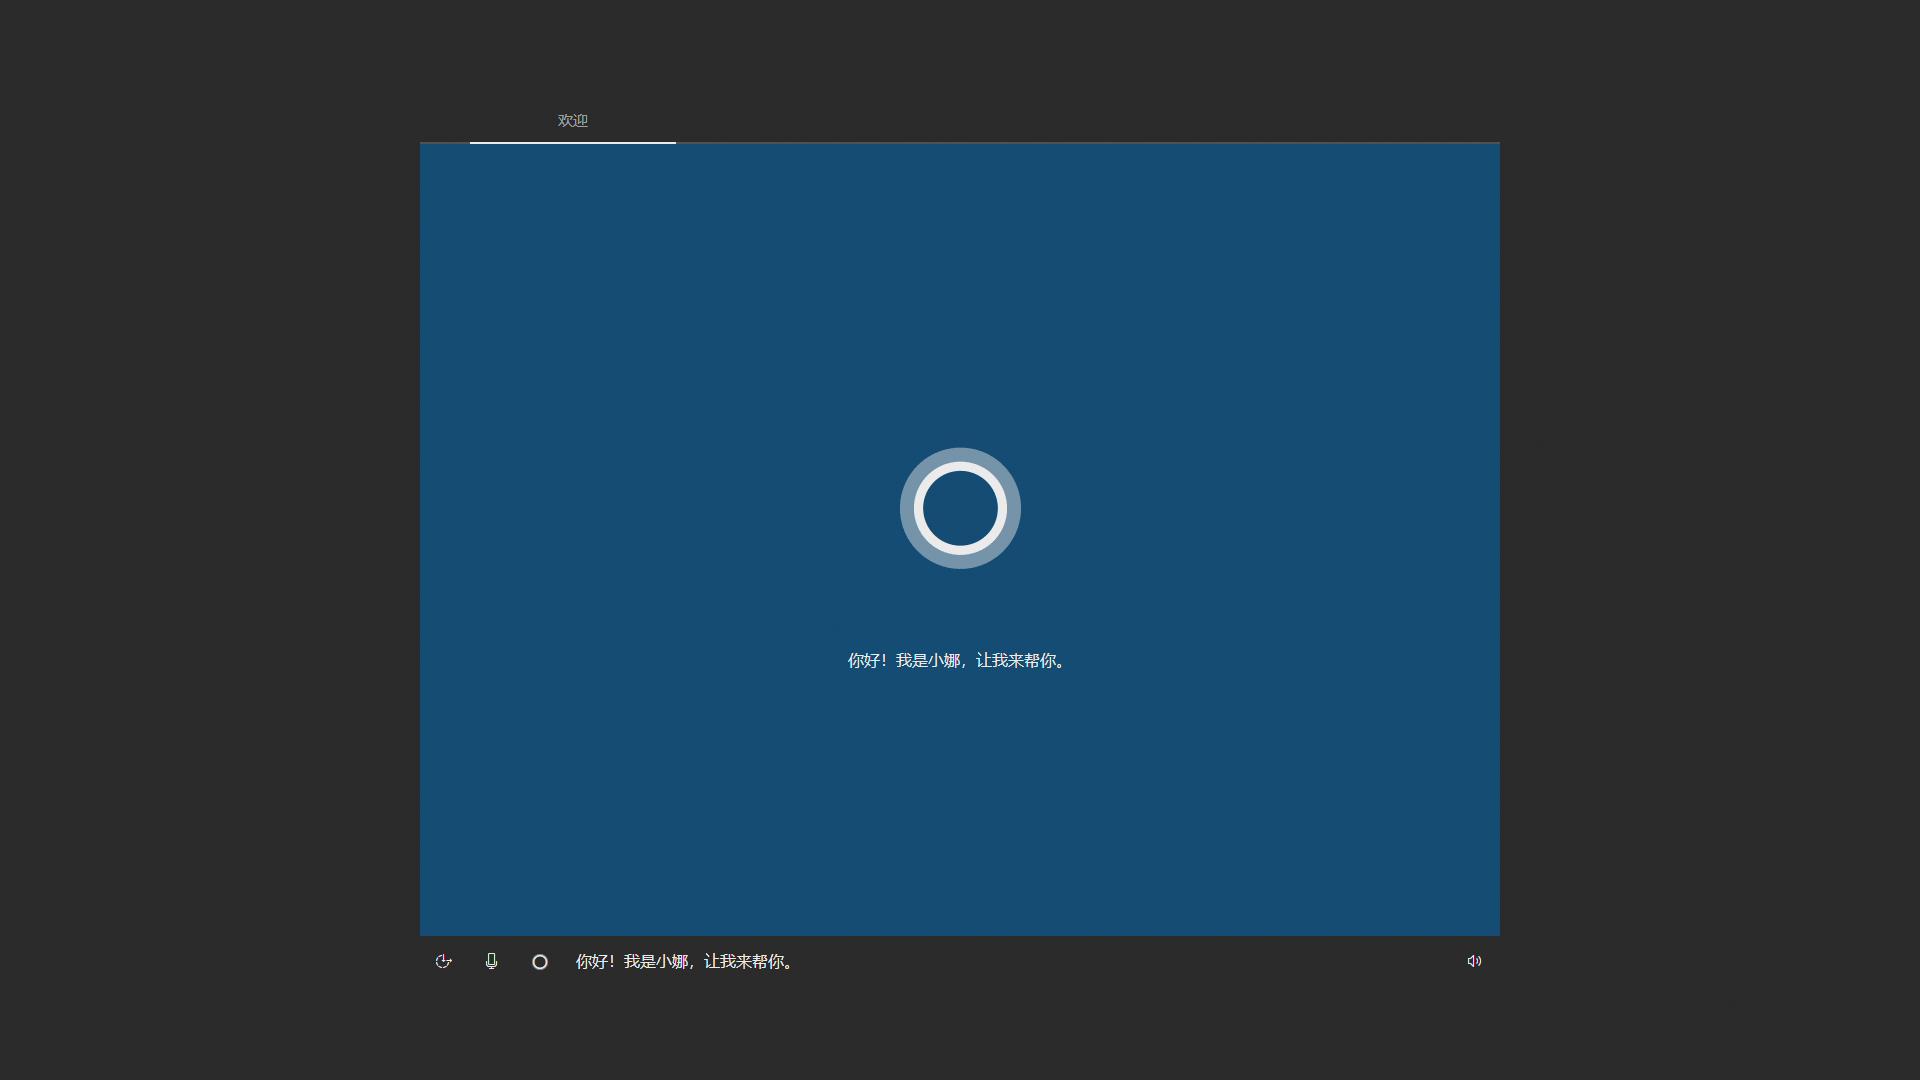 【图文】惠普笔记本全新解包教程,非联网状态中解包,惠普预装软件有哪些展示,演示机 惠普暗影精灵5Plus 17-Cb0000TX 系统版本:1809